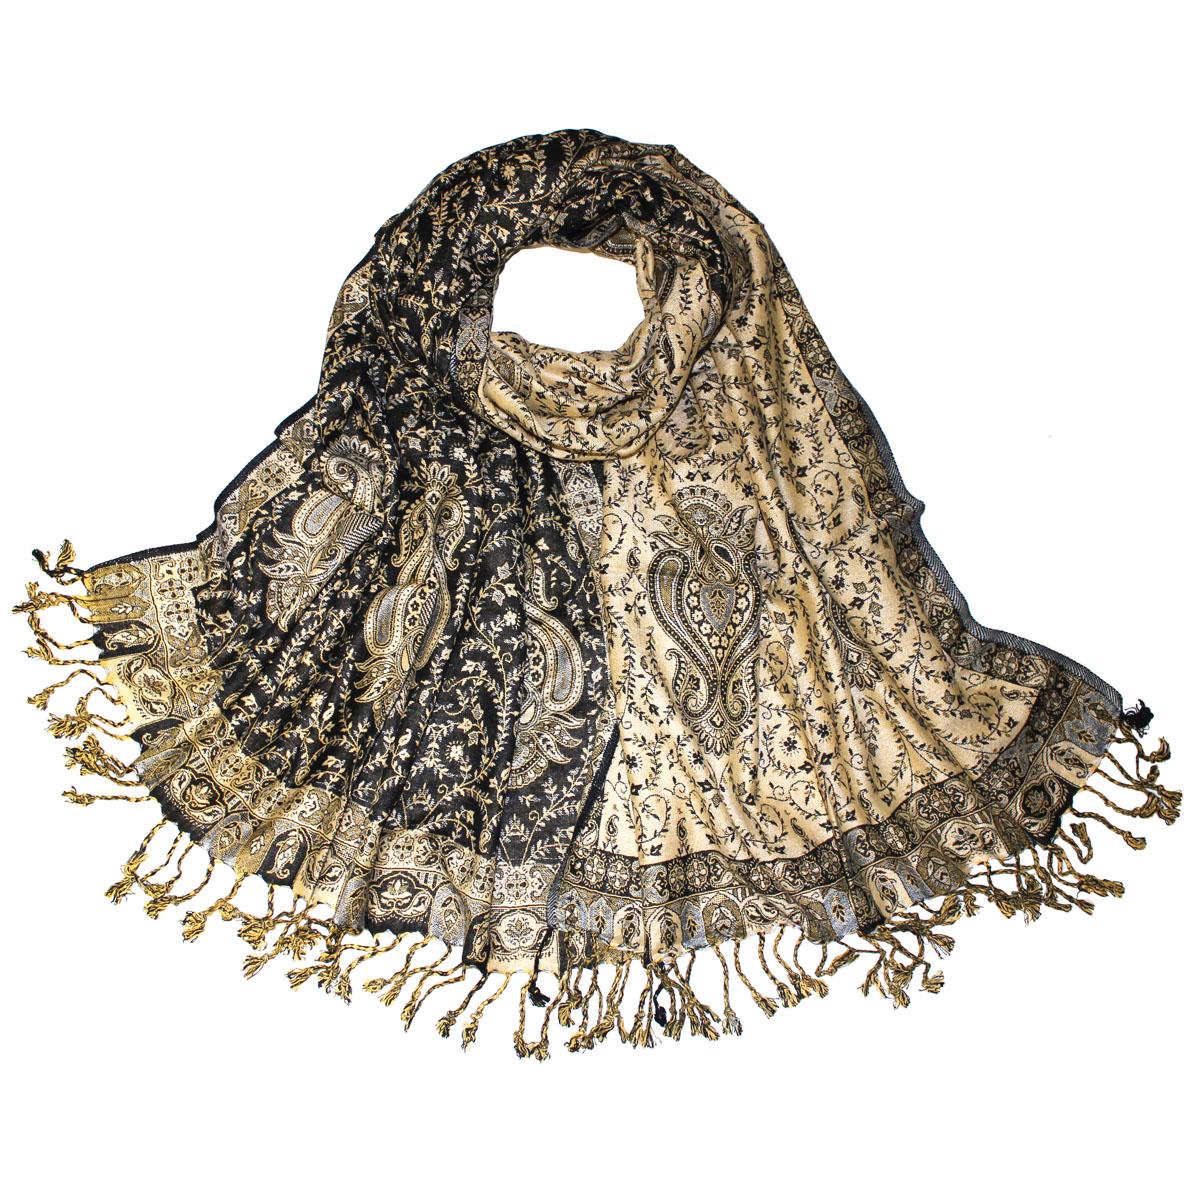 Шаль Ethnica, цвет: бежевый, черный, 71 см х 183 см. 112220н